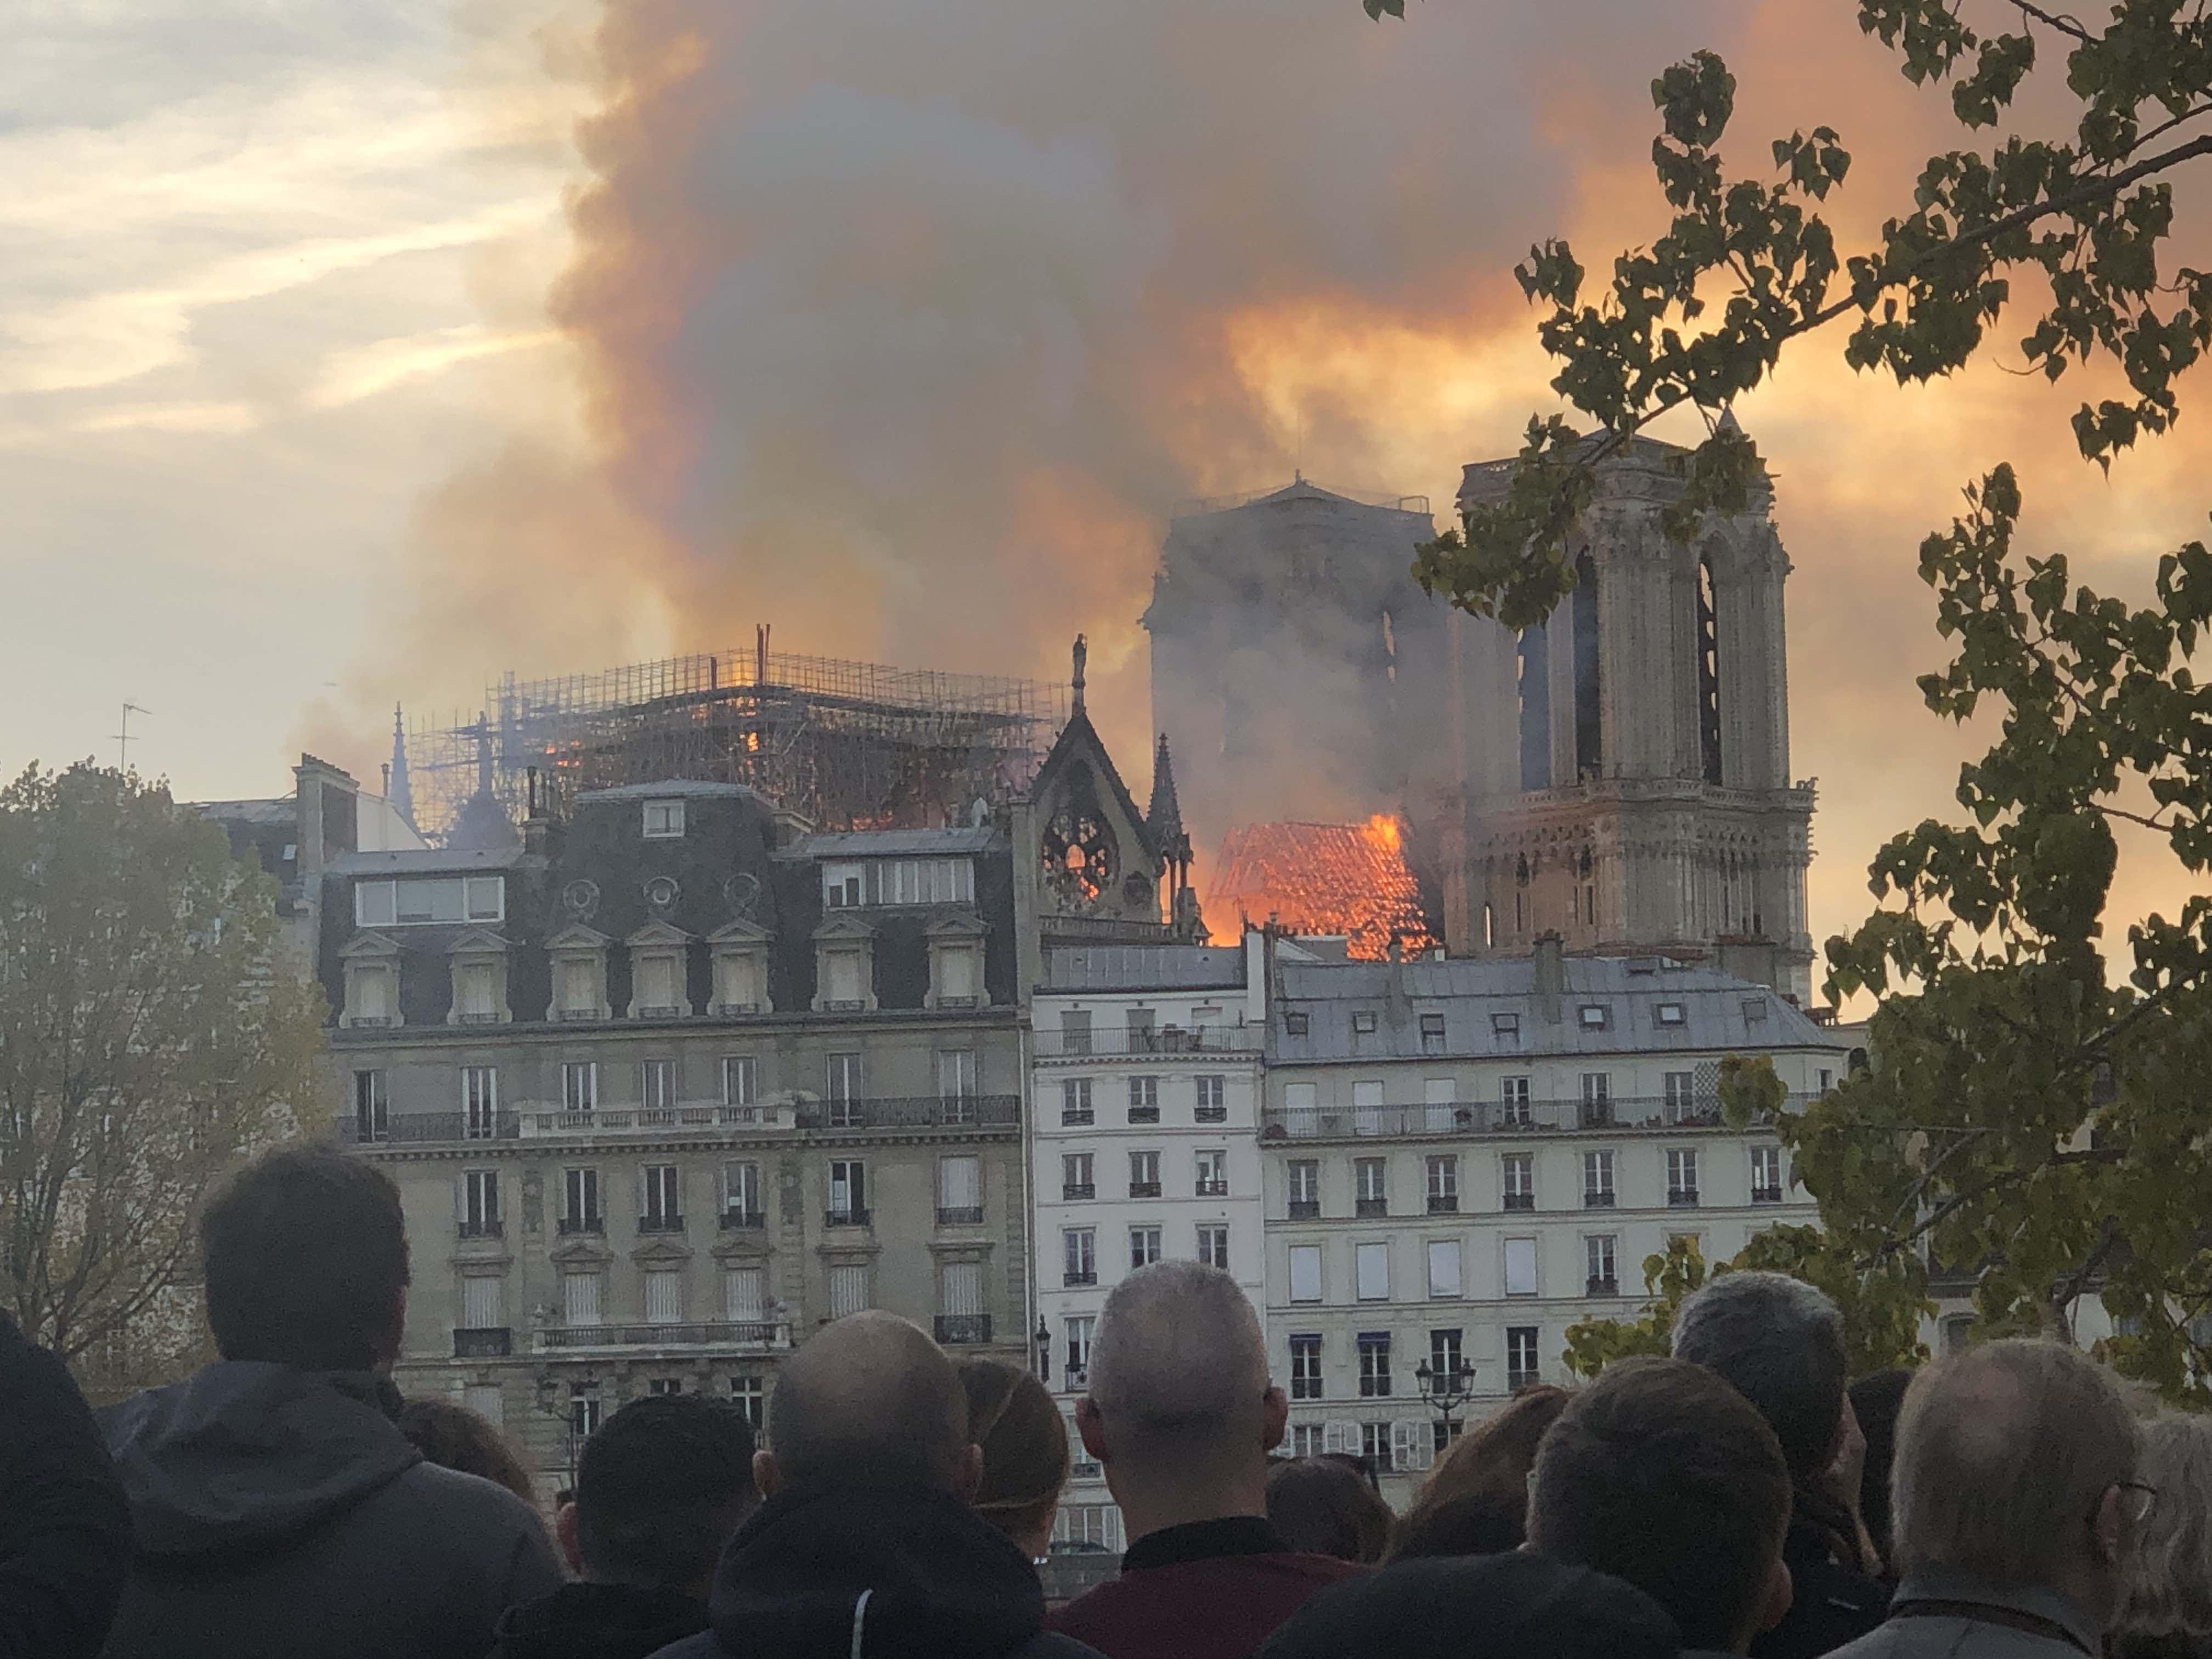 法方:空中灭火会导致巴黎圣母院整体坍塌